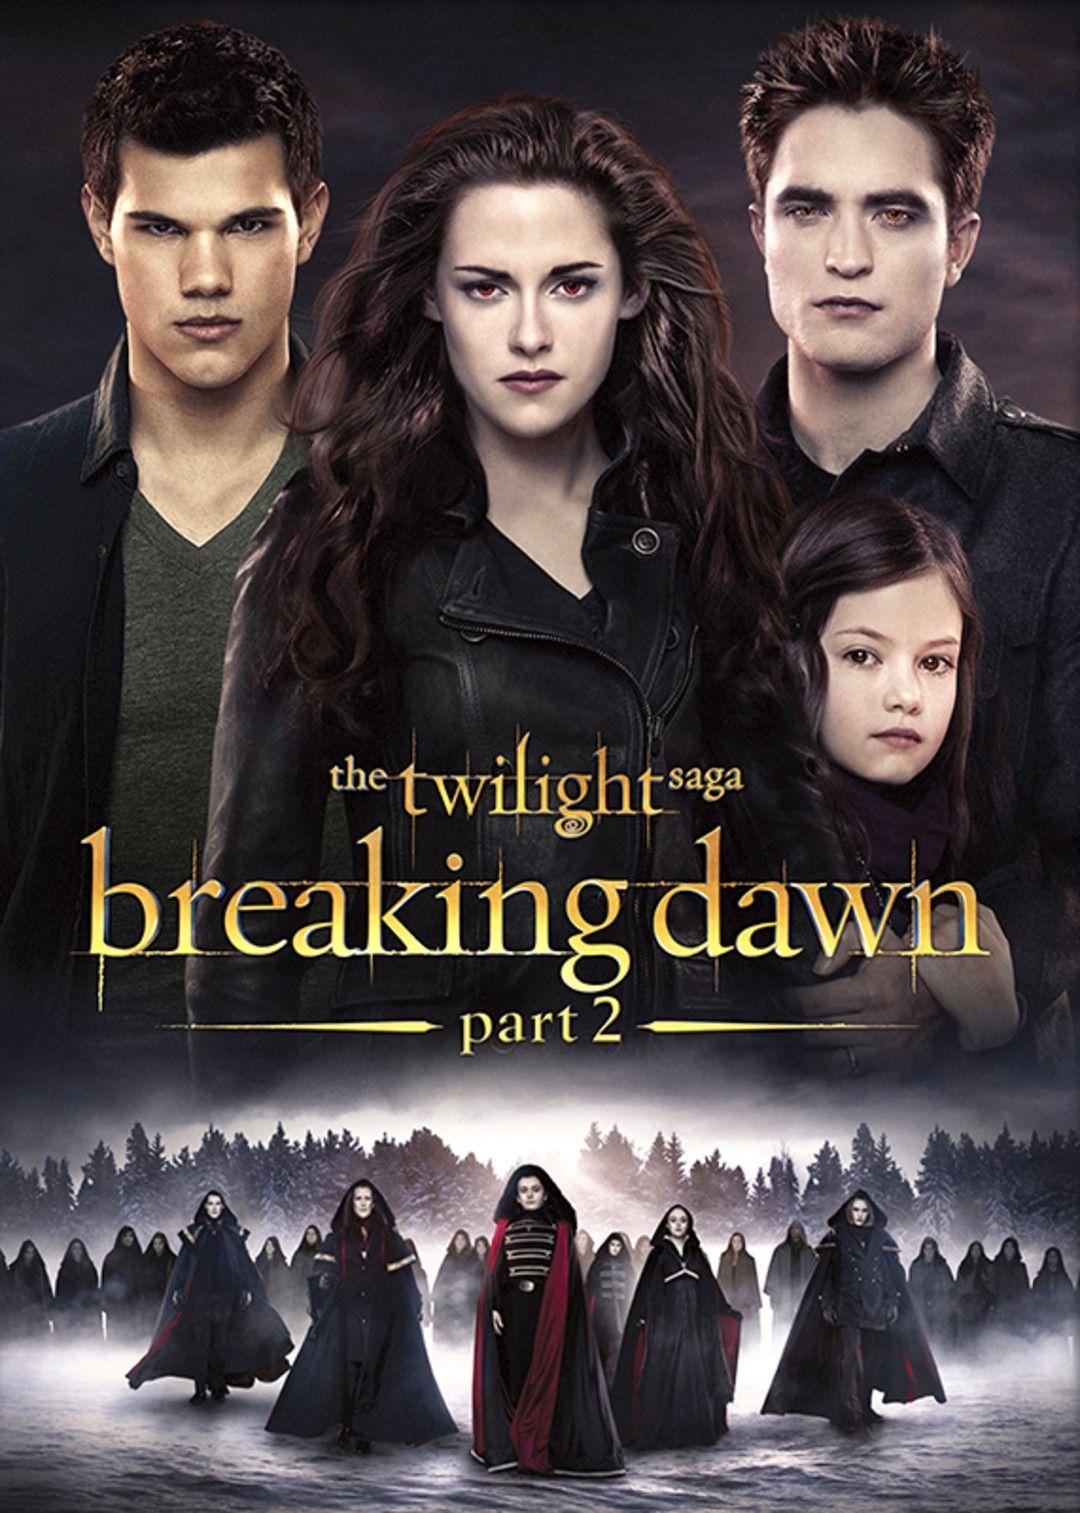 Twilight Ganzer Film Deutsch Teil 3